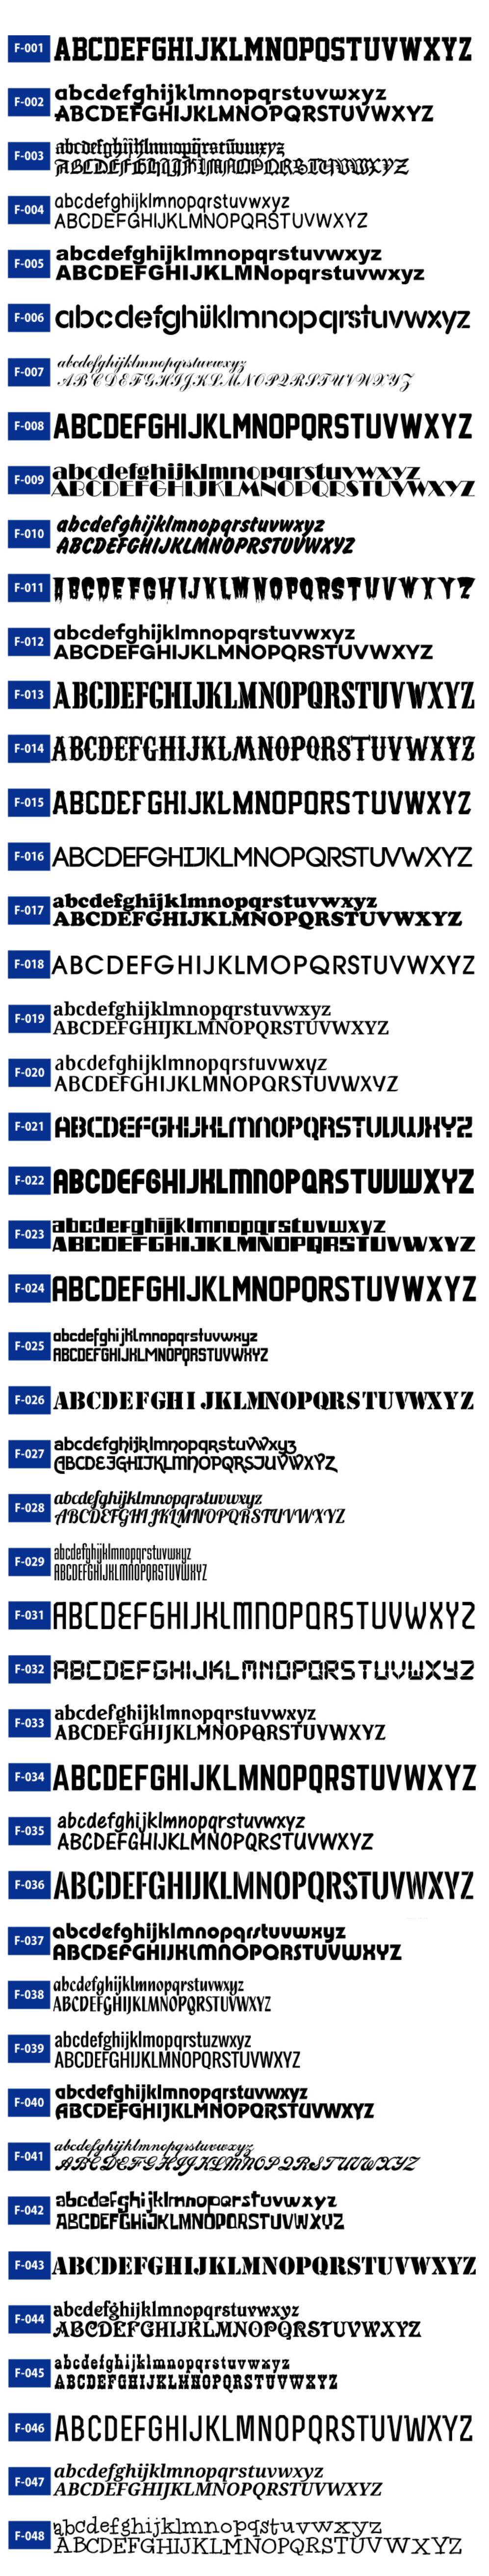 ドッジボール用のオリジナルユニフォームで使用できるアルファベットフォント。